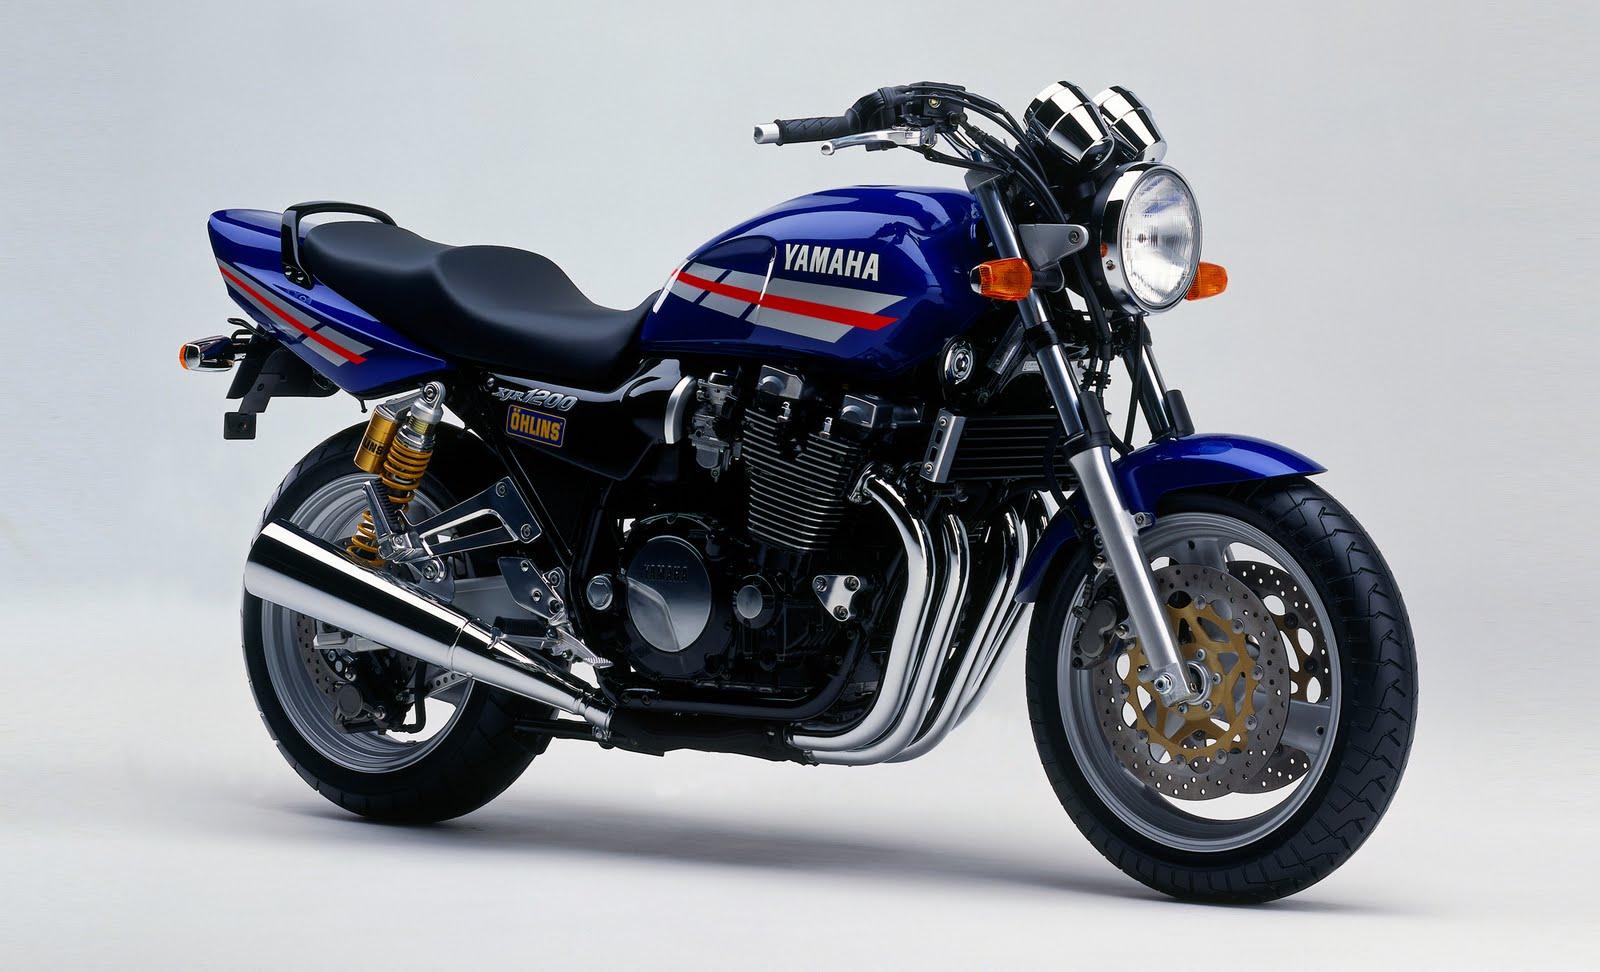 Οι αγαπημένες μου μοτοσυκλέτες & αυτοκίνητα: Yamaha xjr 1200